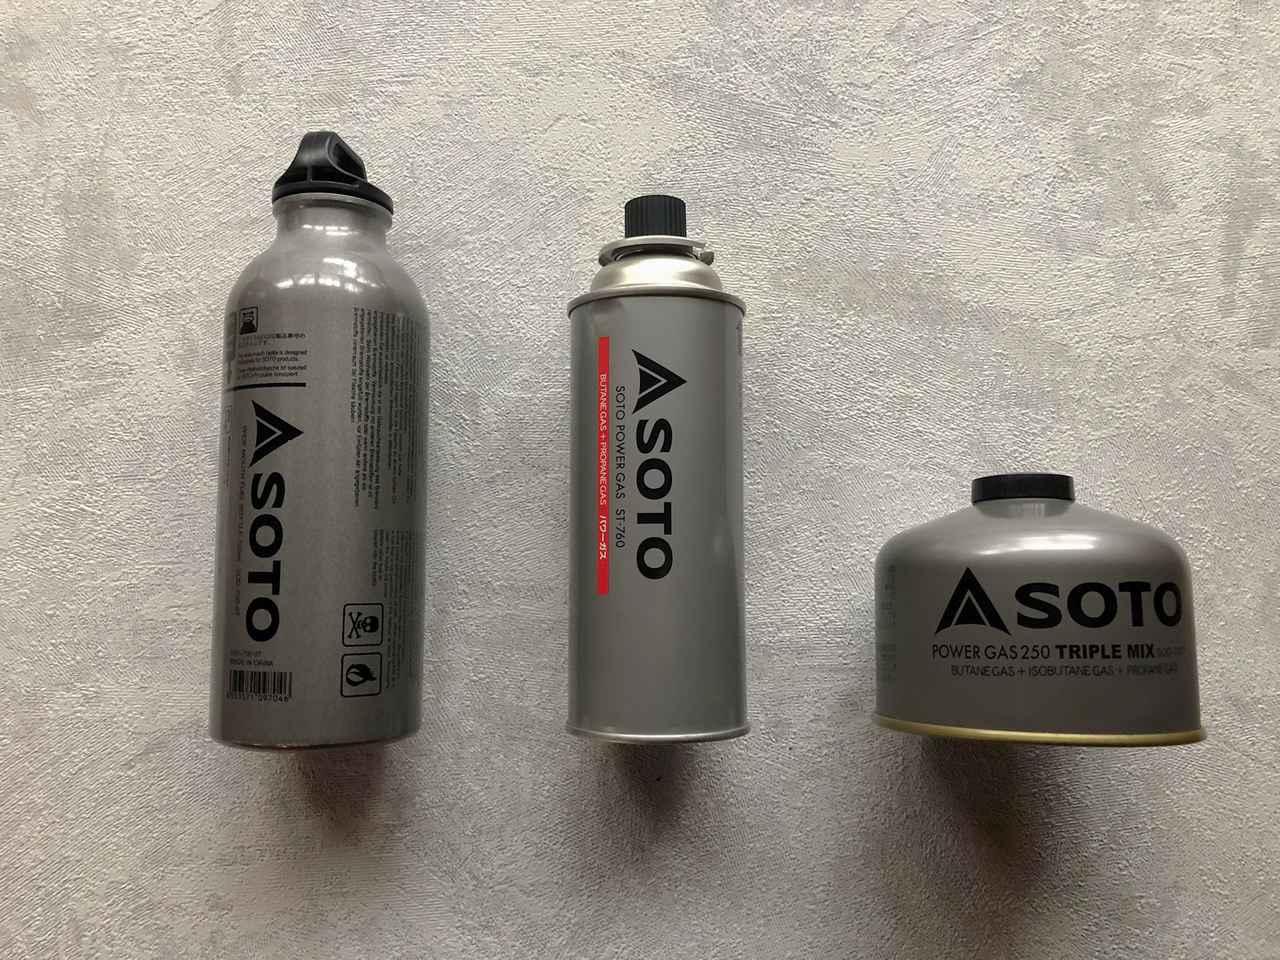 画像: 筆者撮影 左からガソリン燃料・CB缶・OD缶